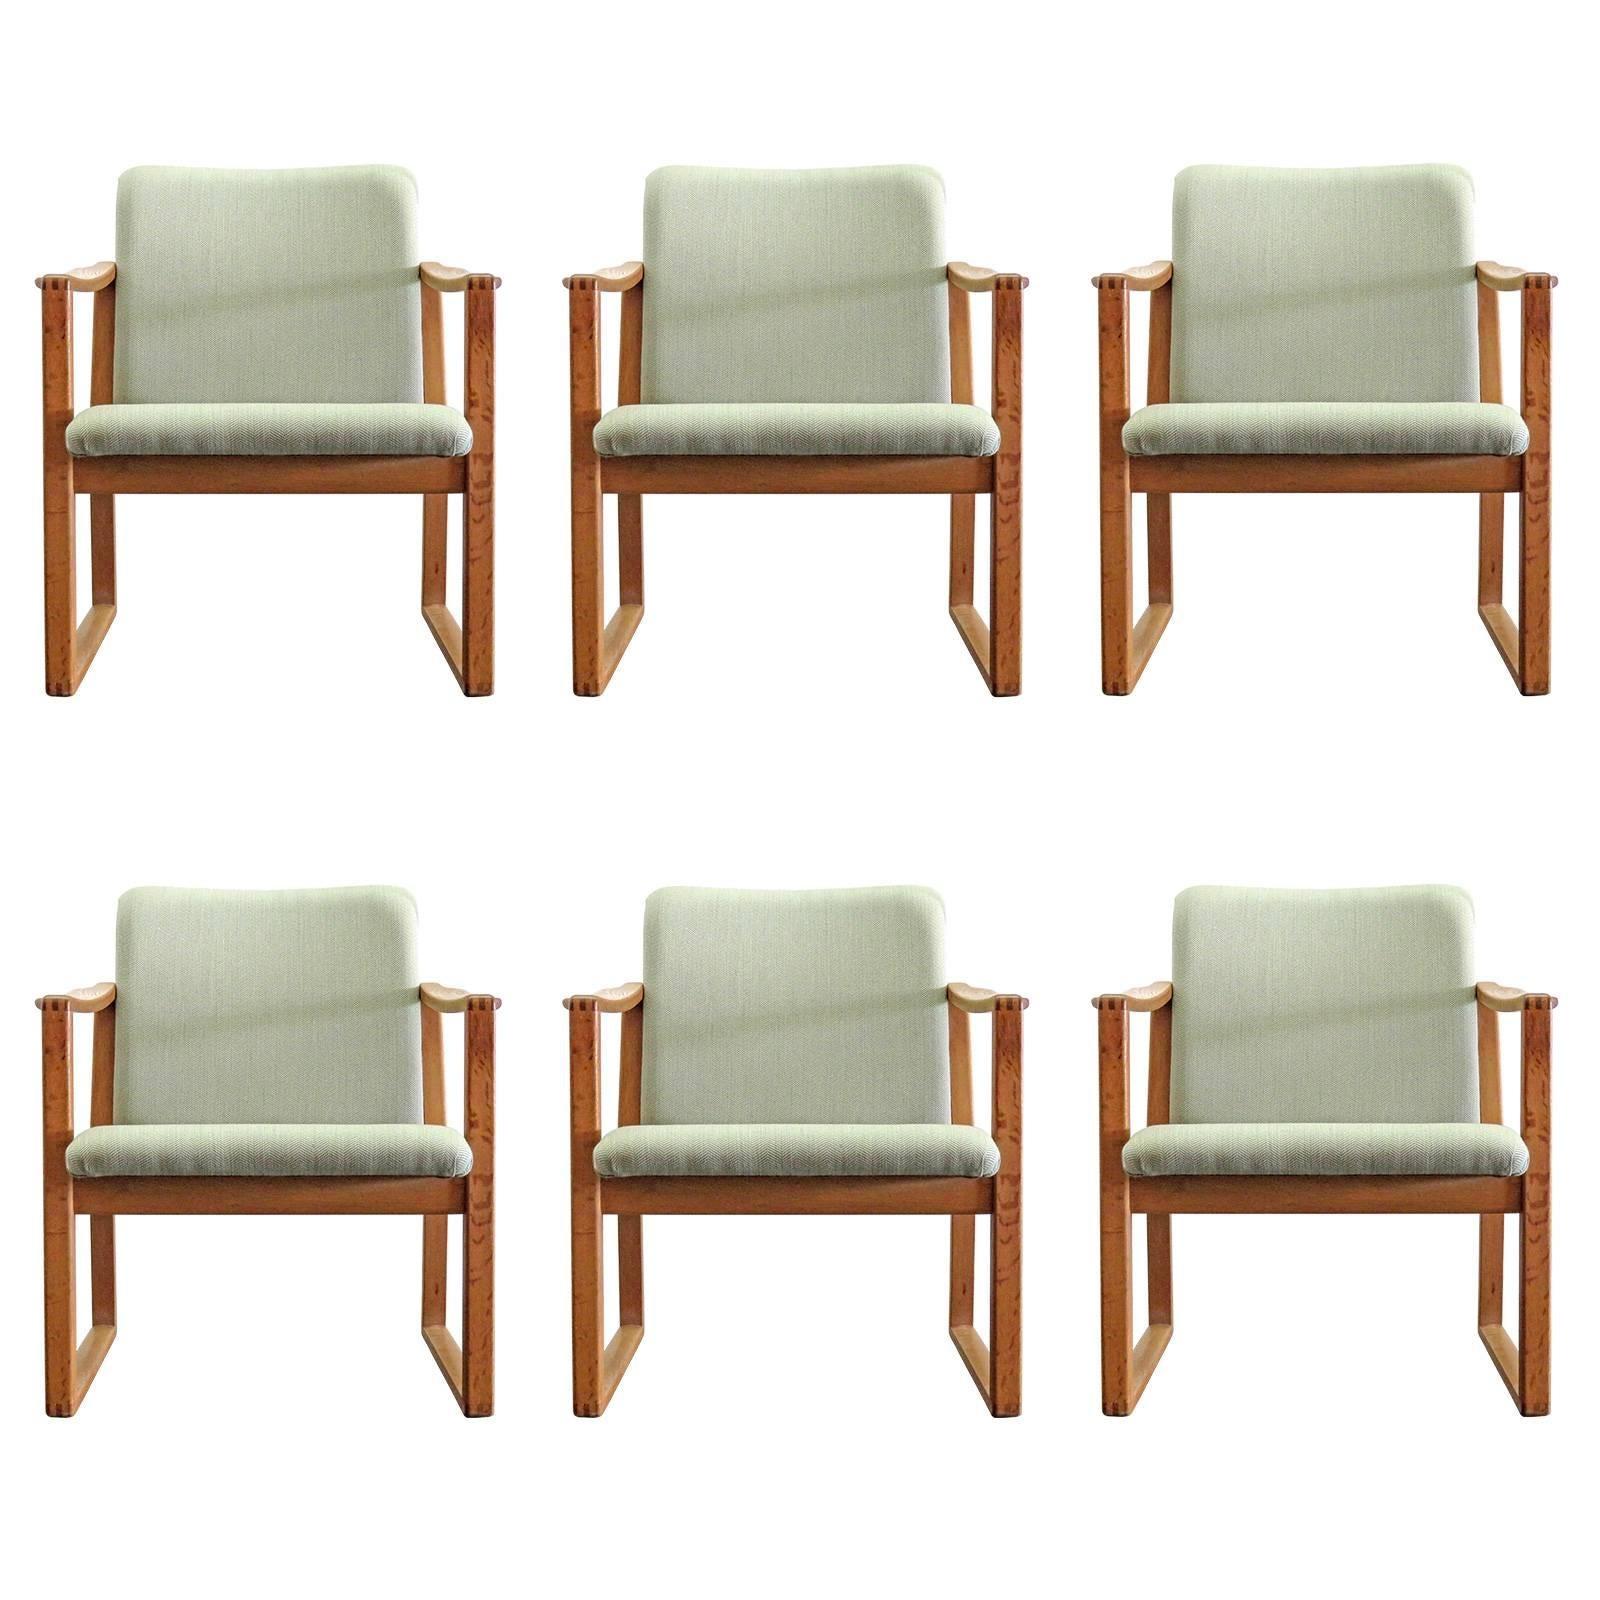 Børge Mogensen Dining Chairs, 1950